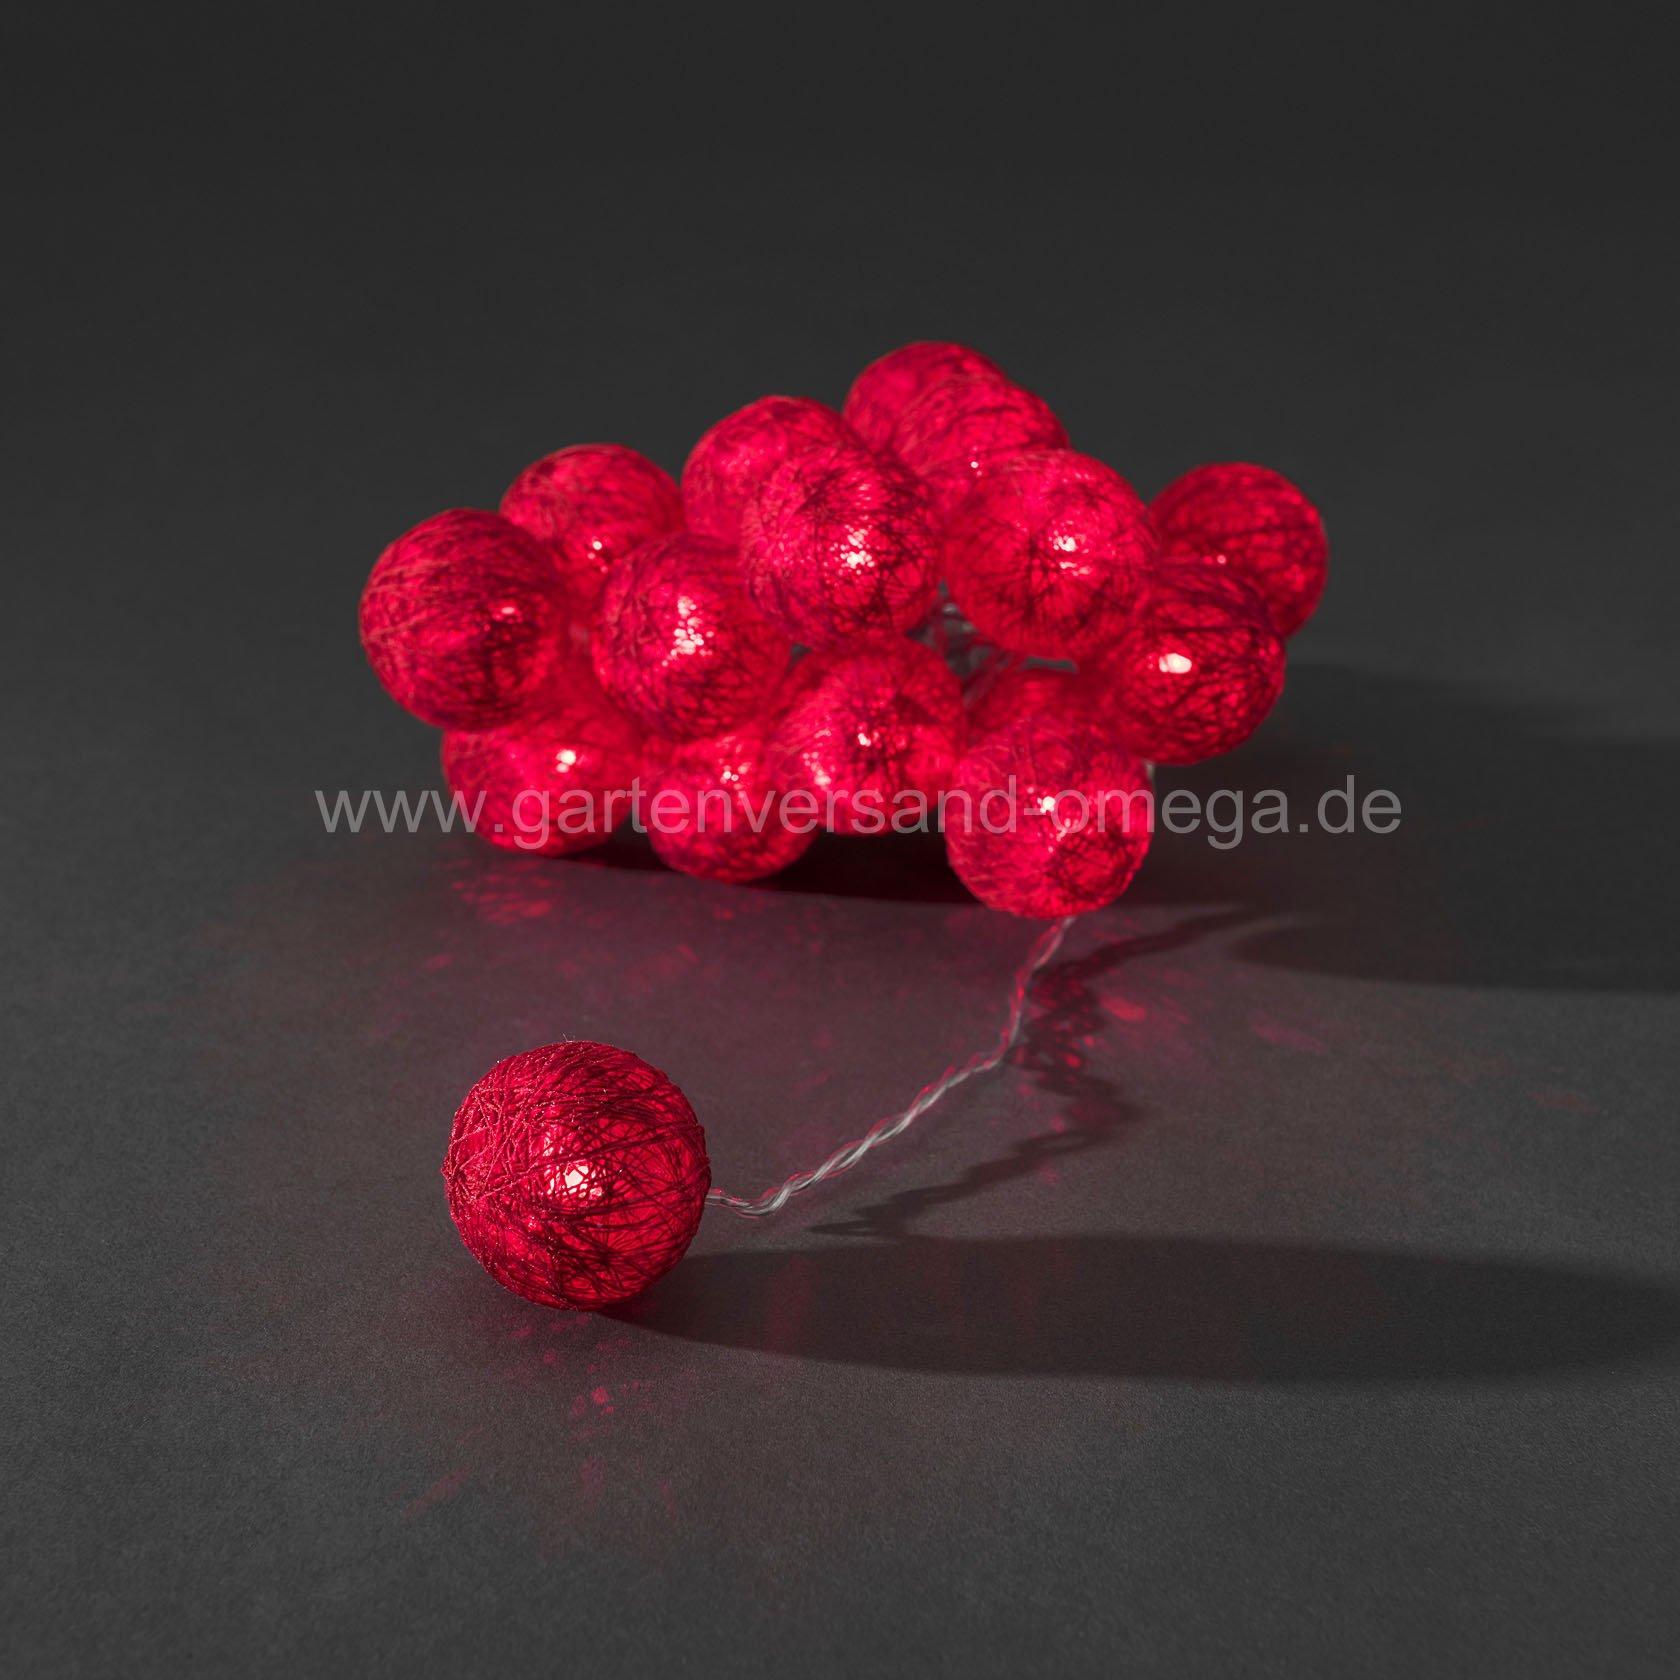 led dekolichterkette rote baumwollkugeln dekorationslichterkette weihnachtsdekoration. Black Bedroom Furniture Sets. Home Design Ideas